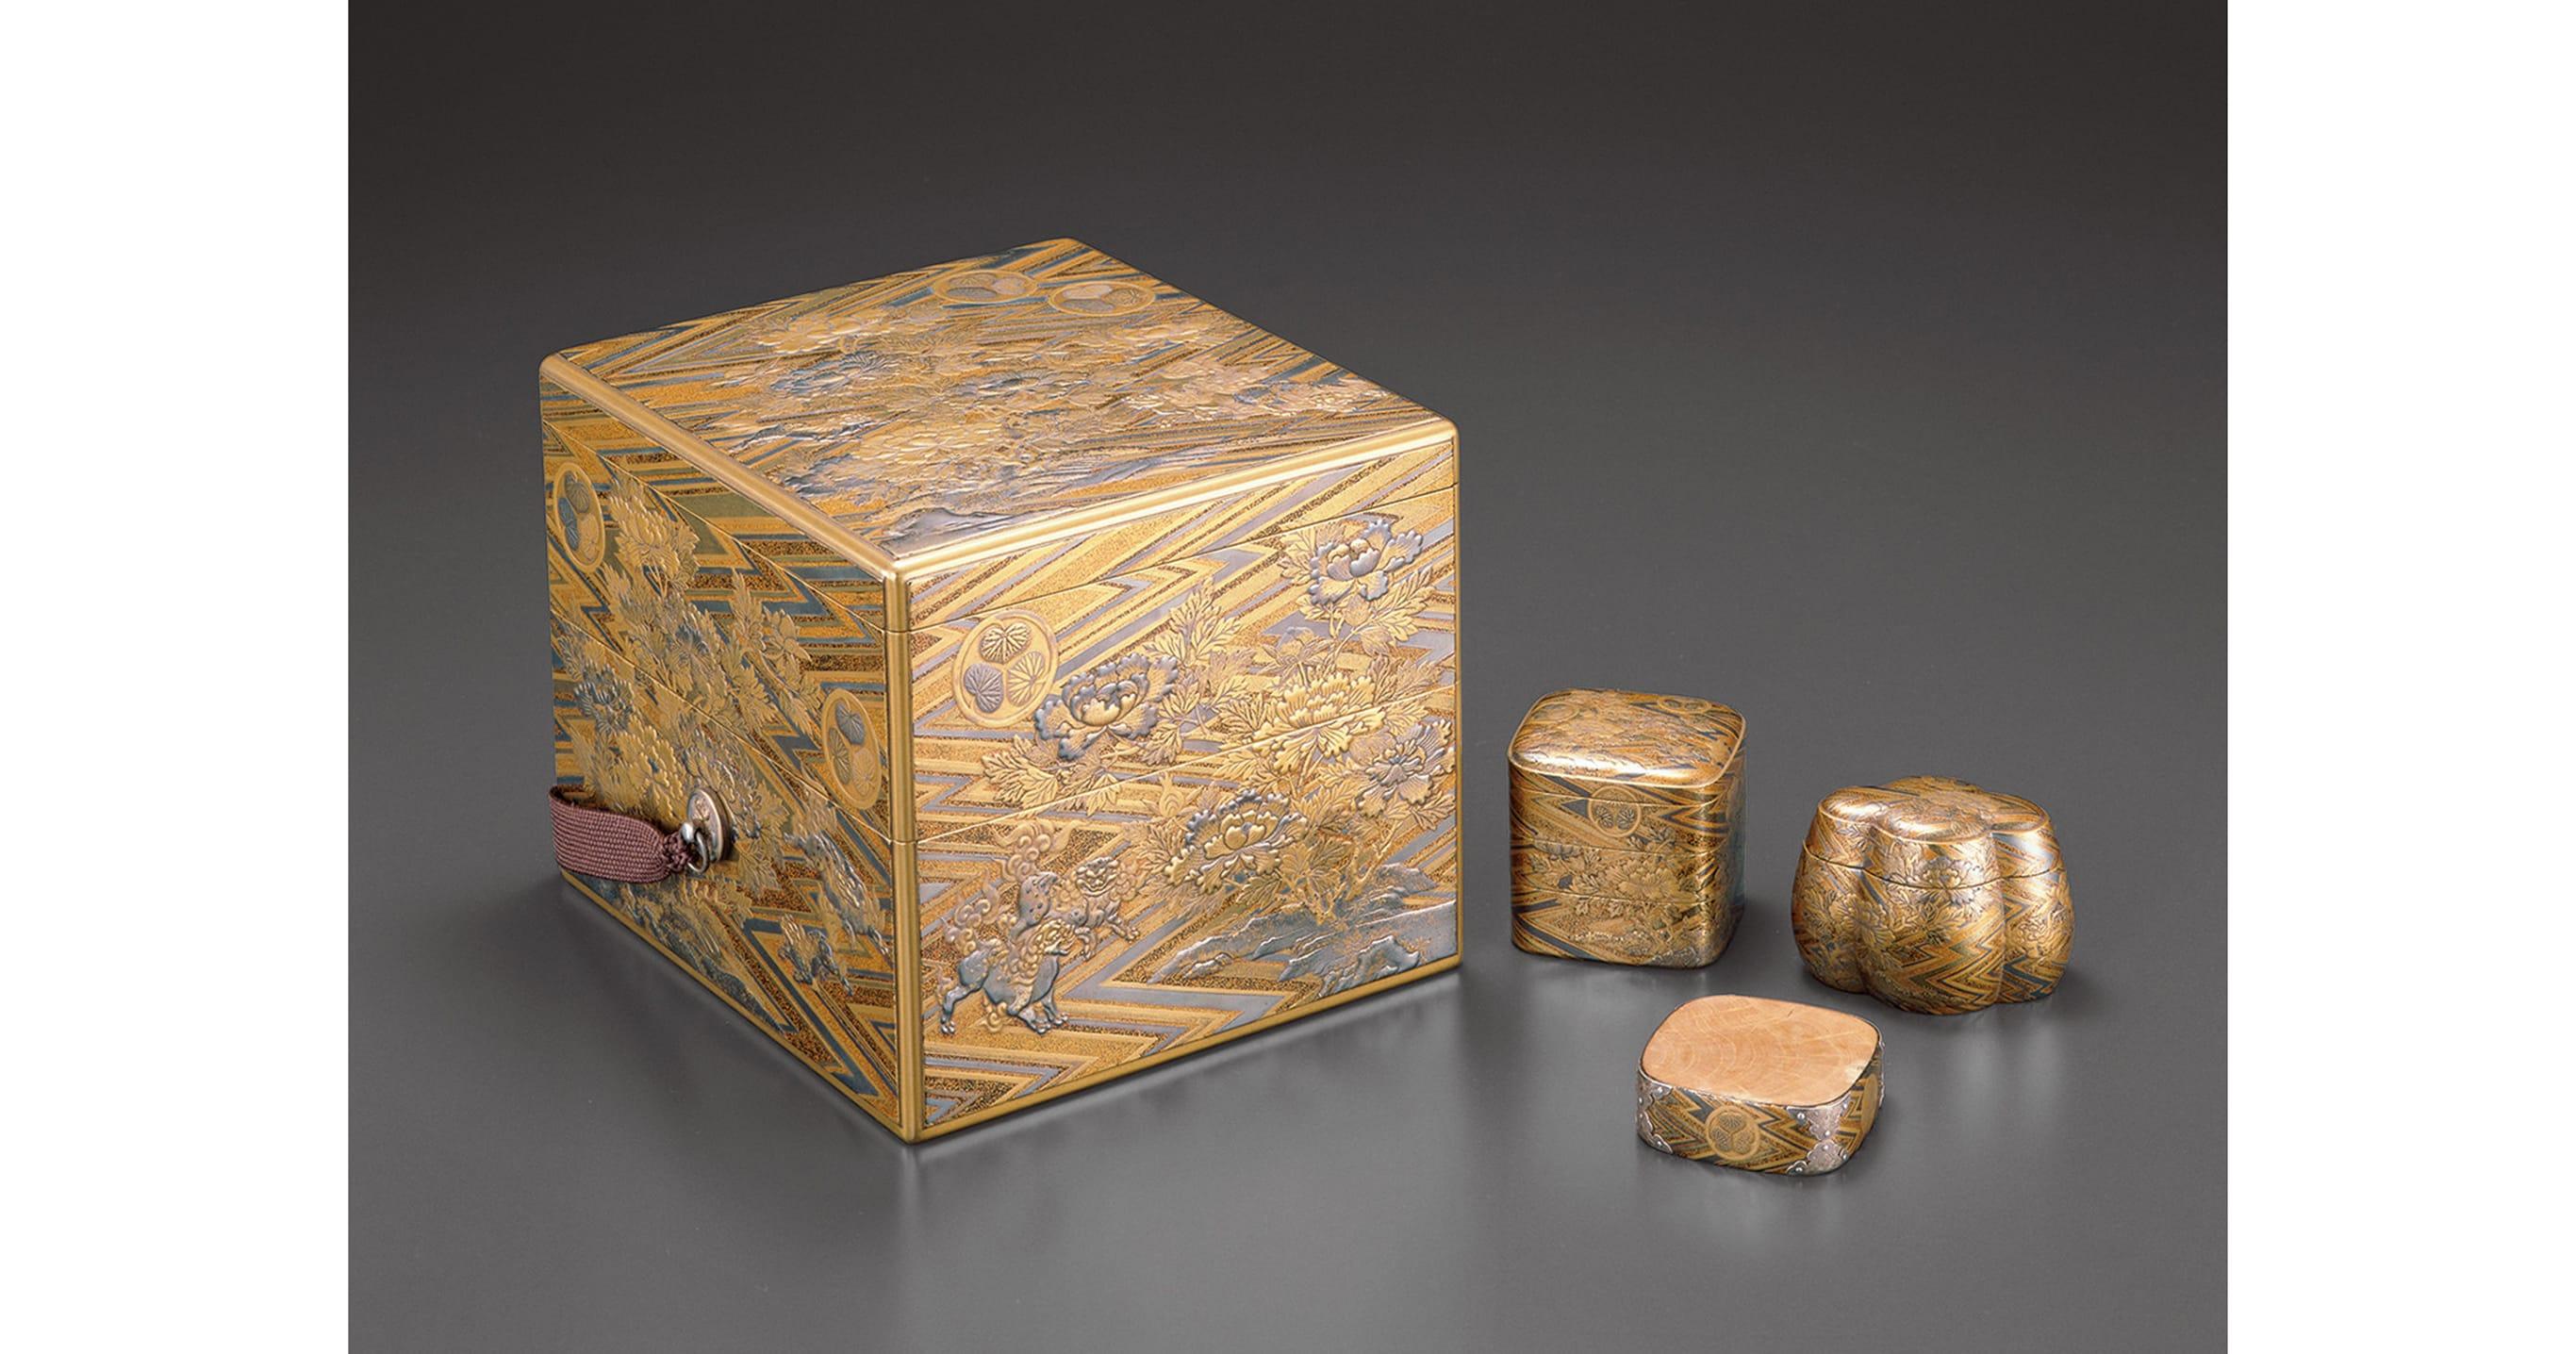 綾杉地獅子牡丹蒔絵十種香箱(幸阿弥長重/作)慶安2年(1649)江戸東京博物館蔵